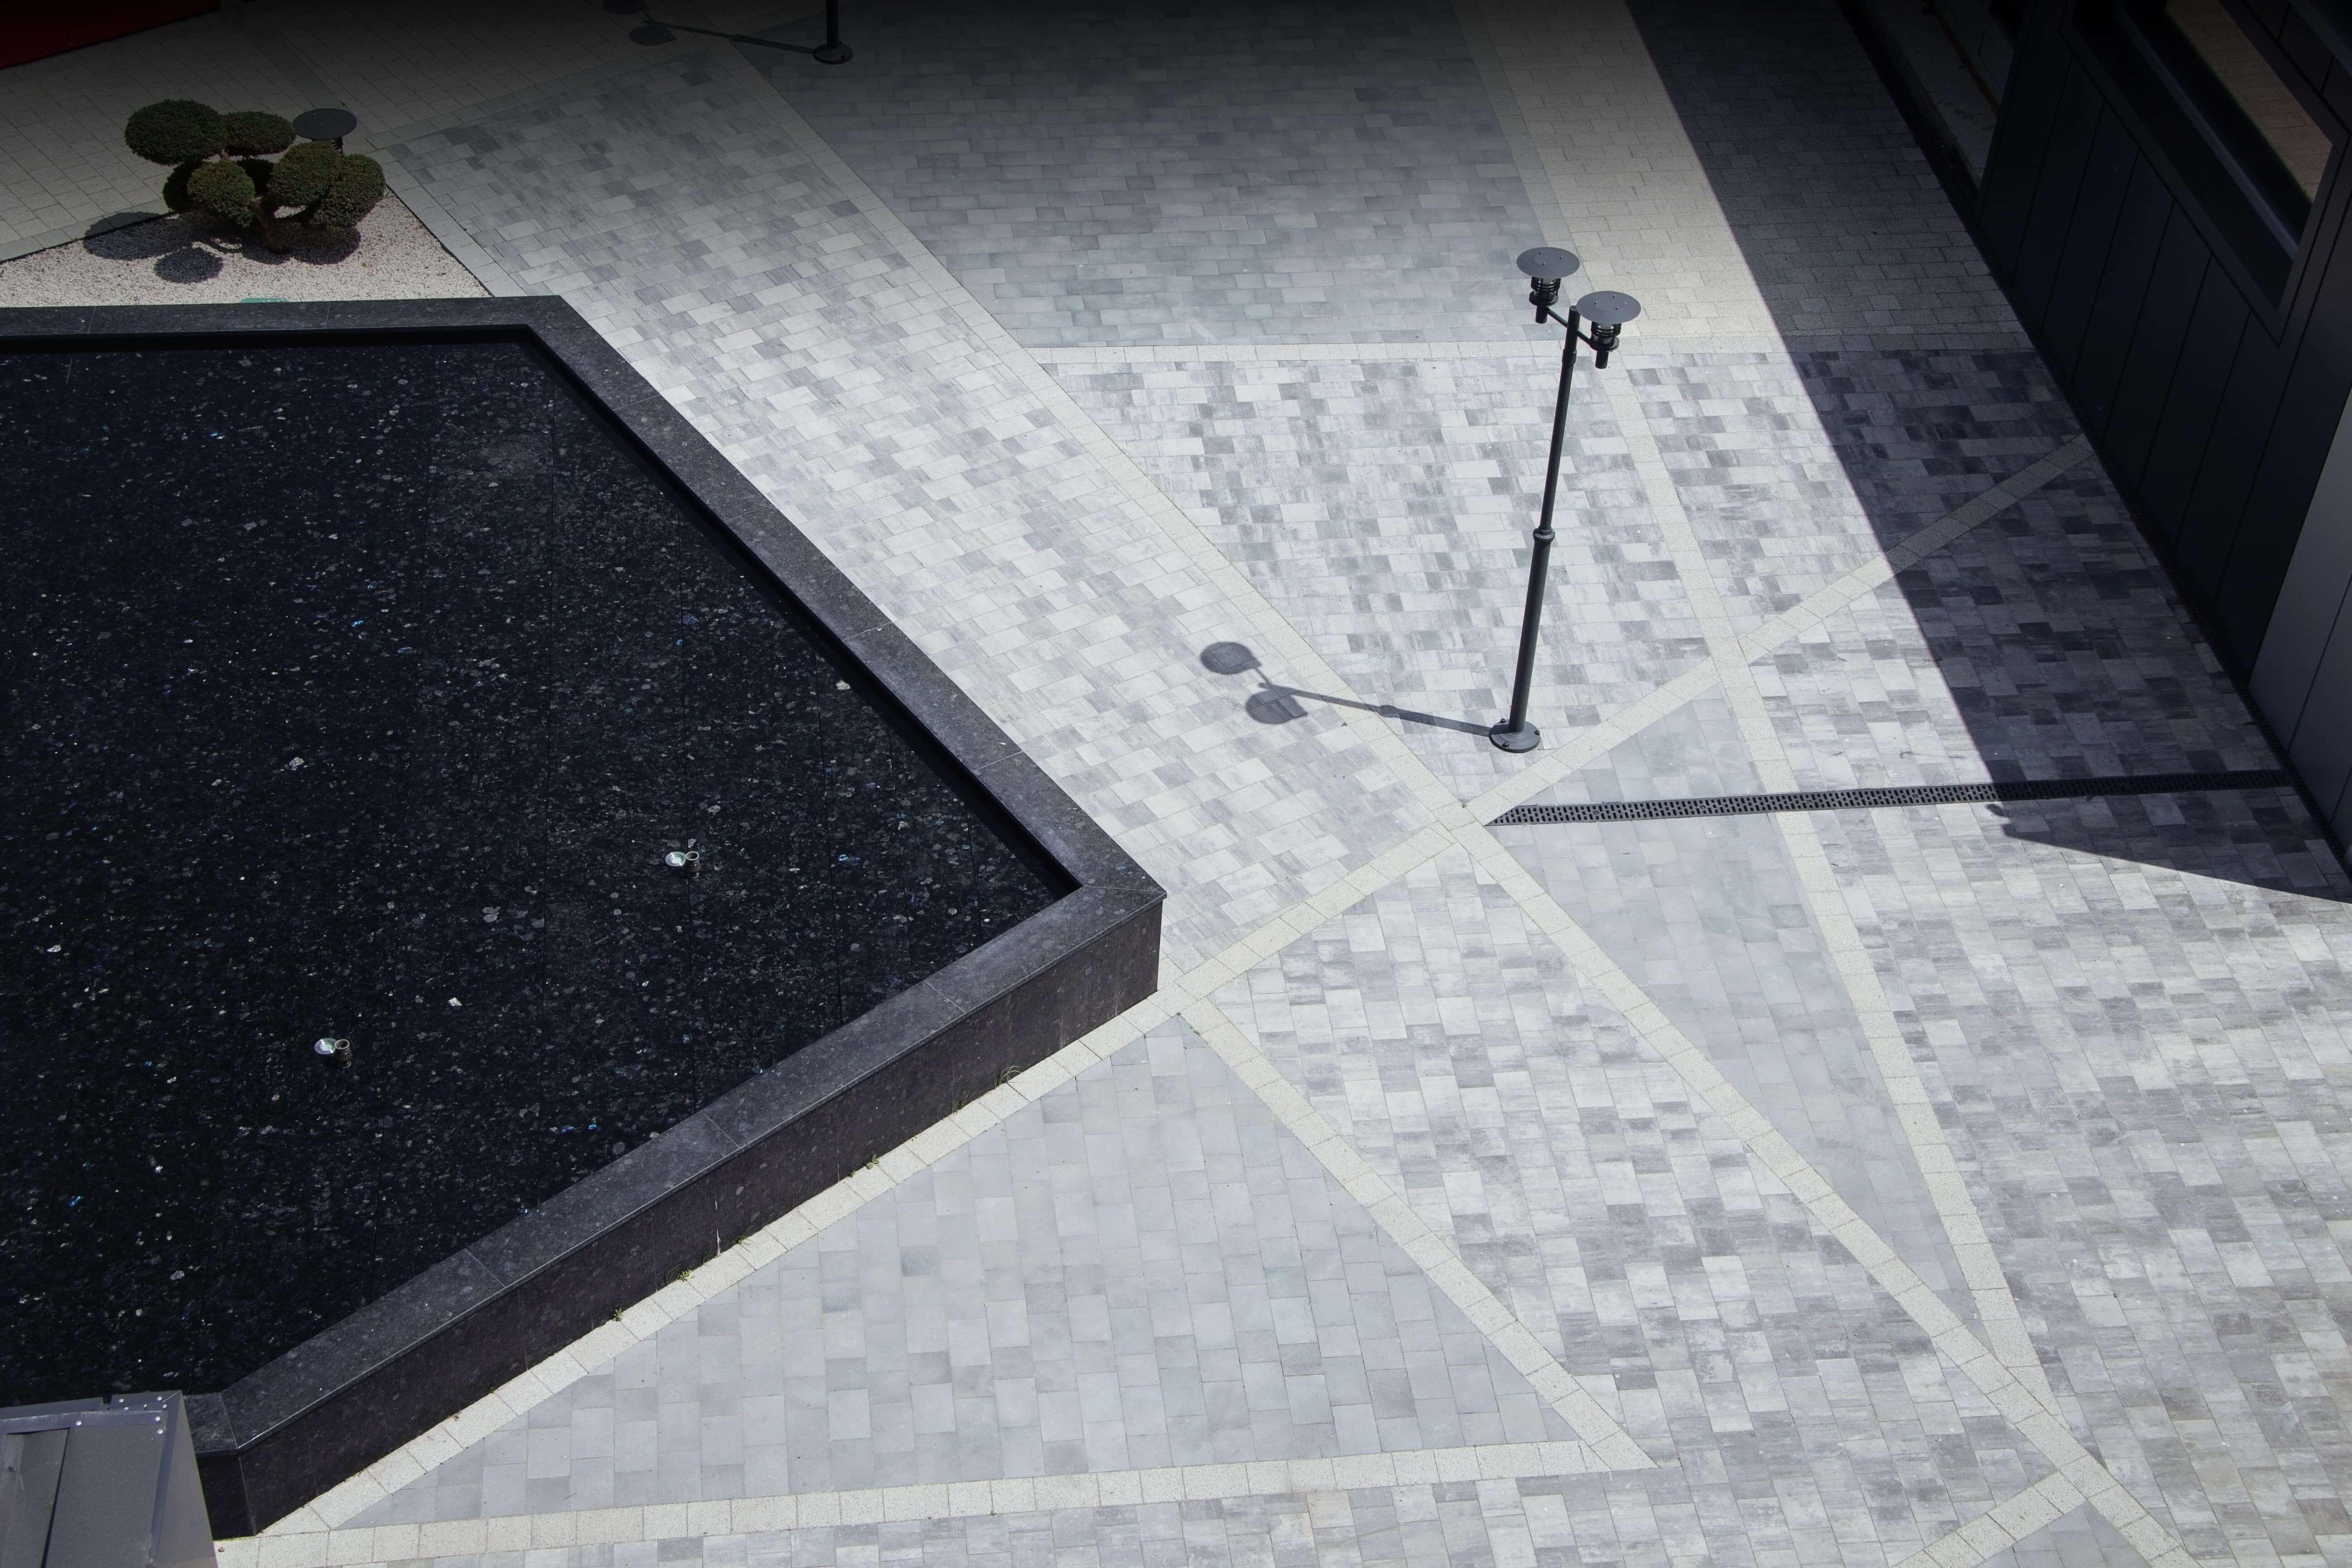 Фото укладки бруківки від салону тротуарної плитки «Melius» Вінниця